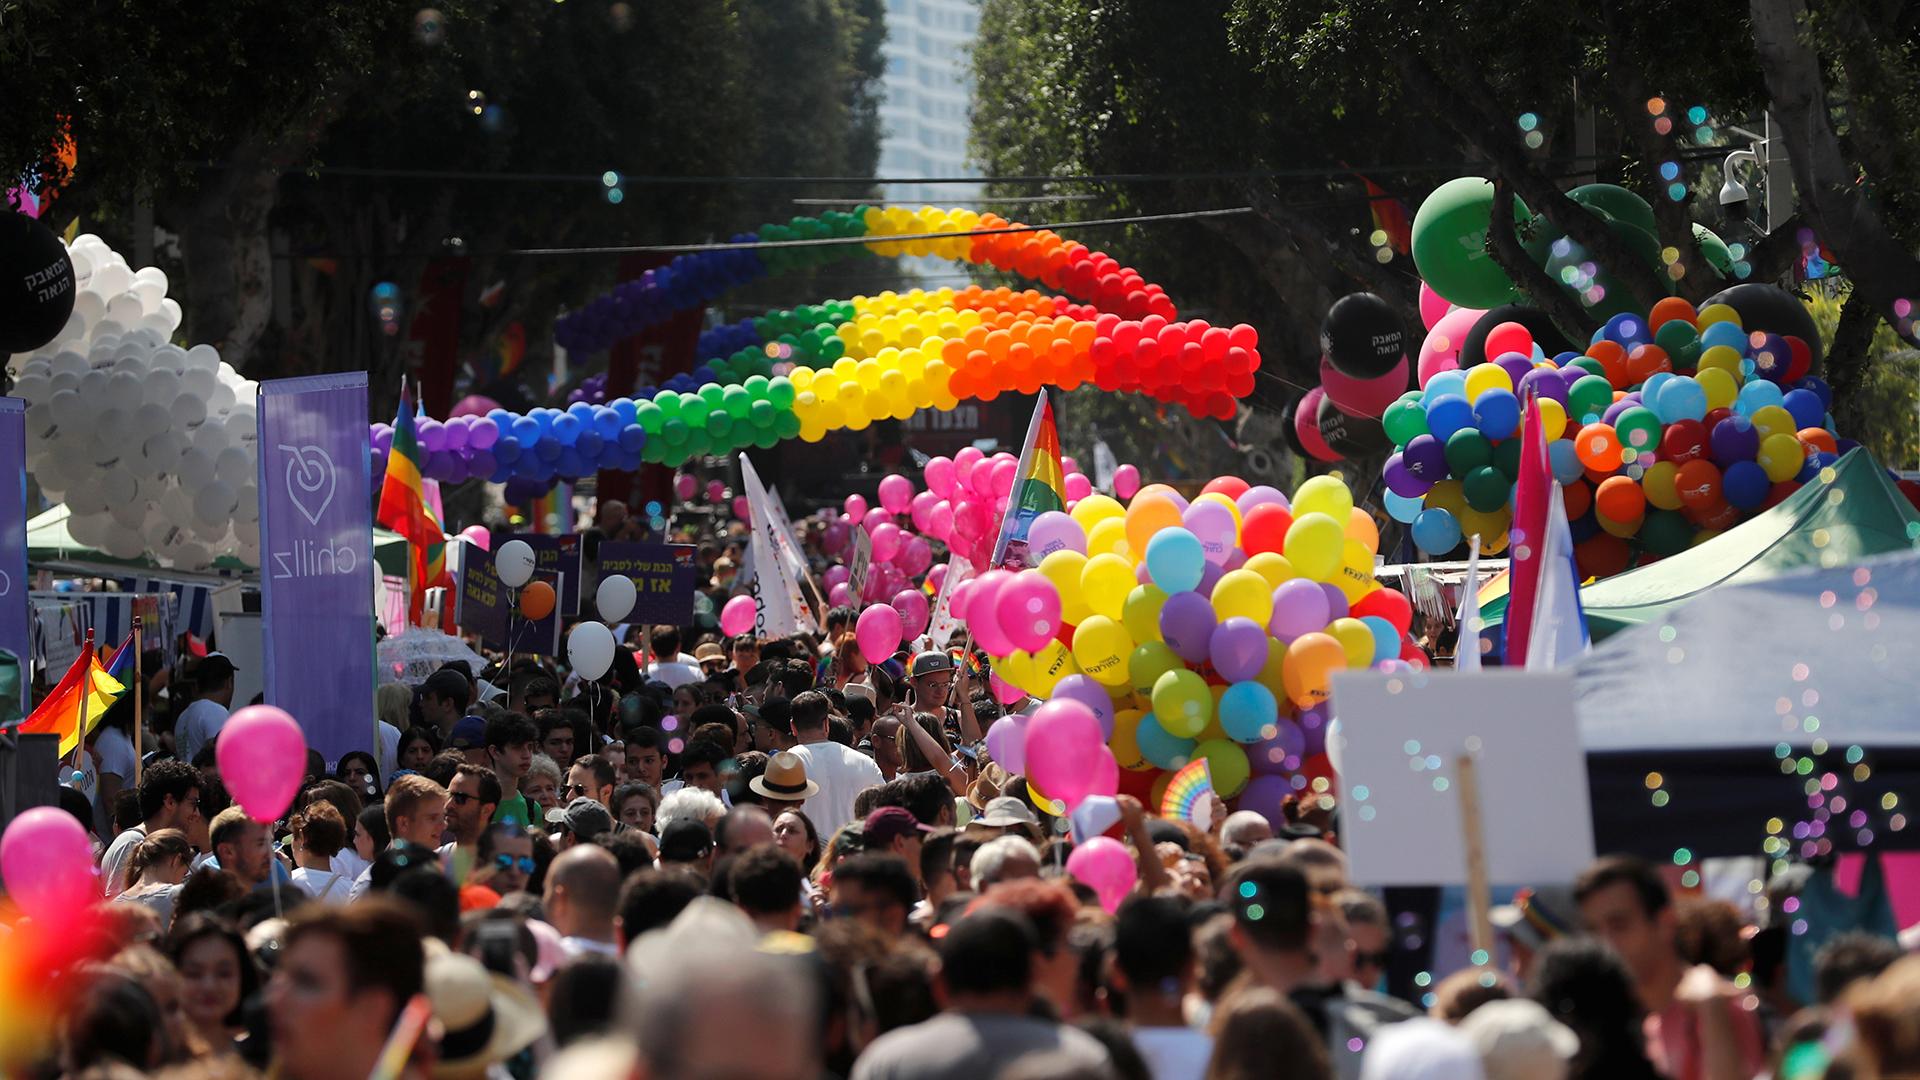 El desfile anual del orgullo gay en Tel Aviv, Israel, el 14 de junio de 2019.